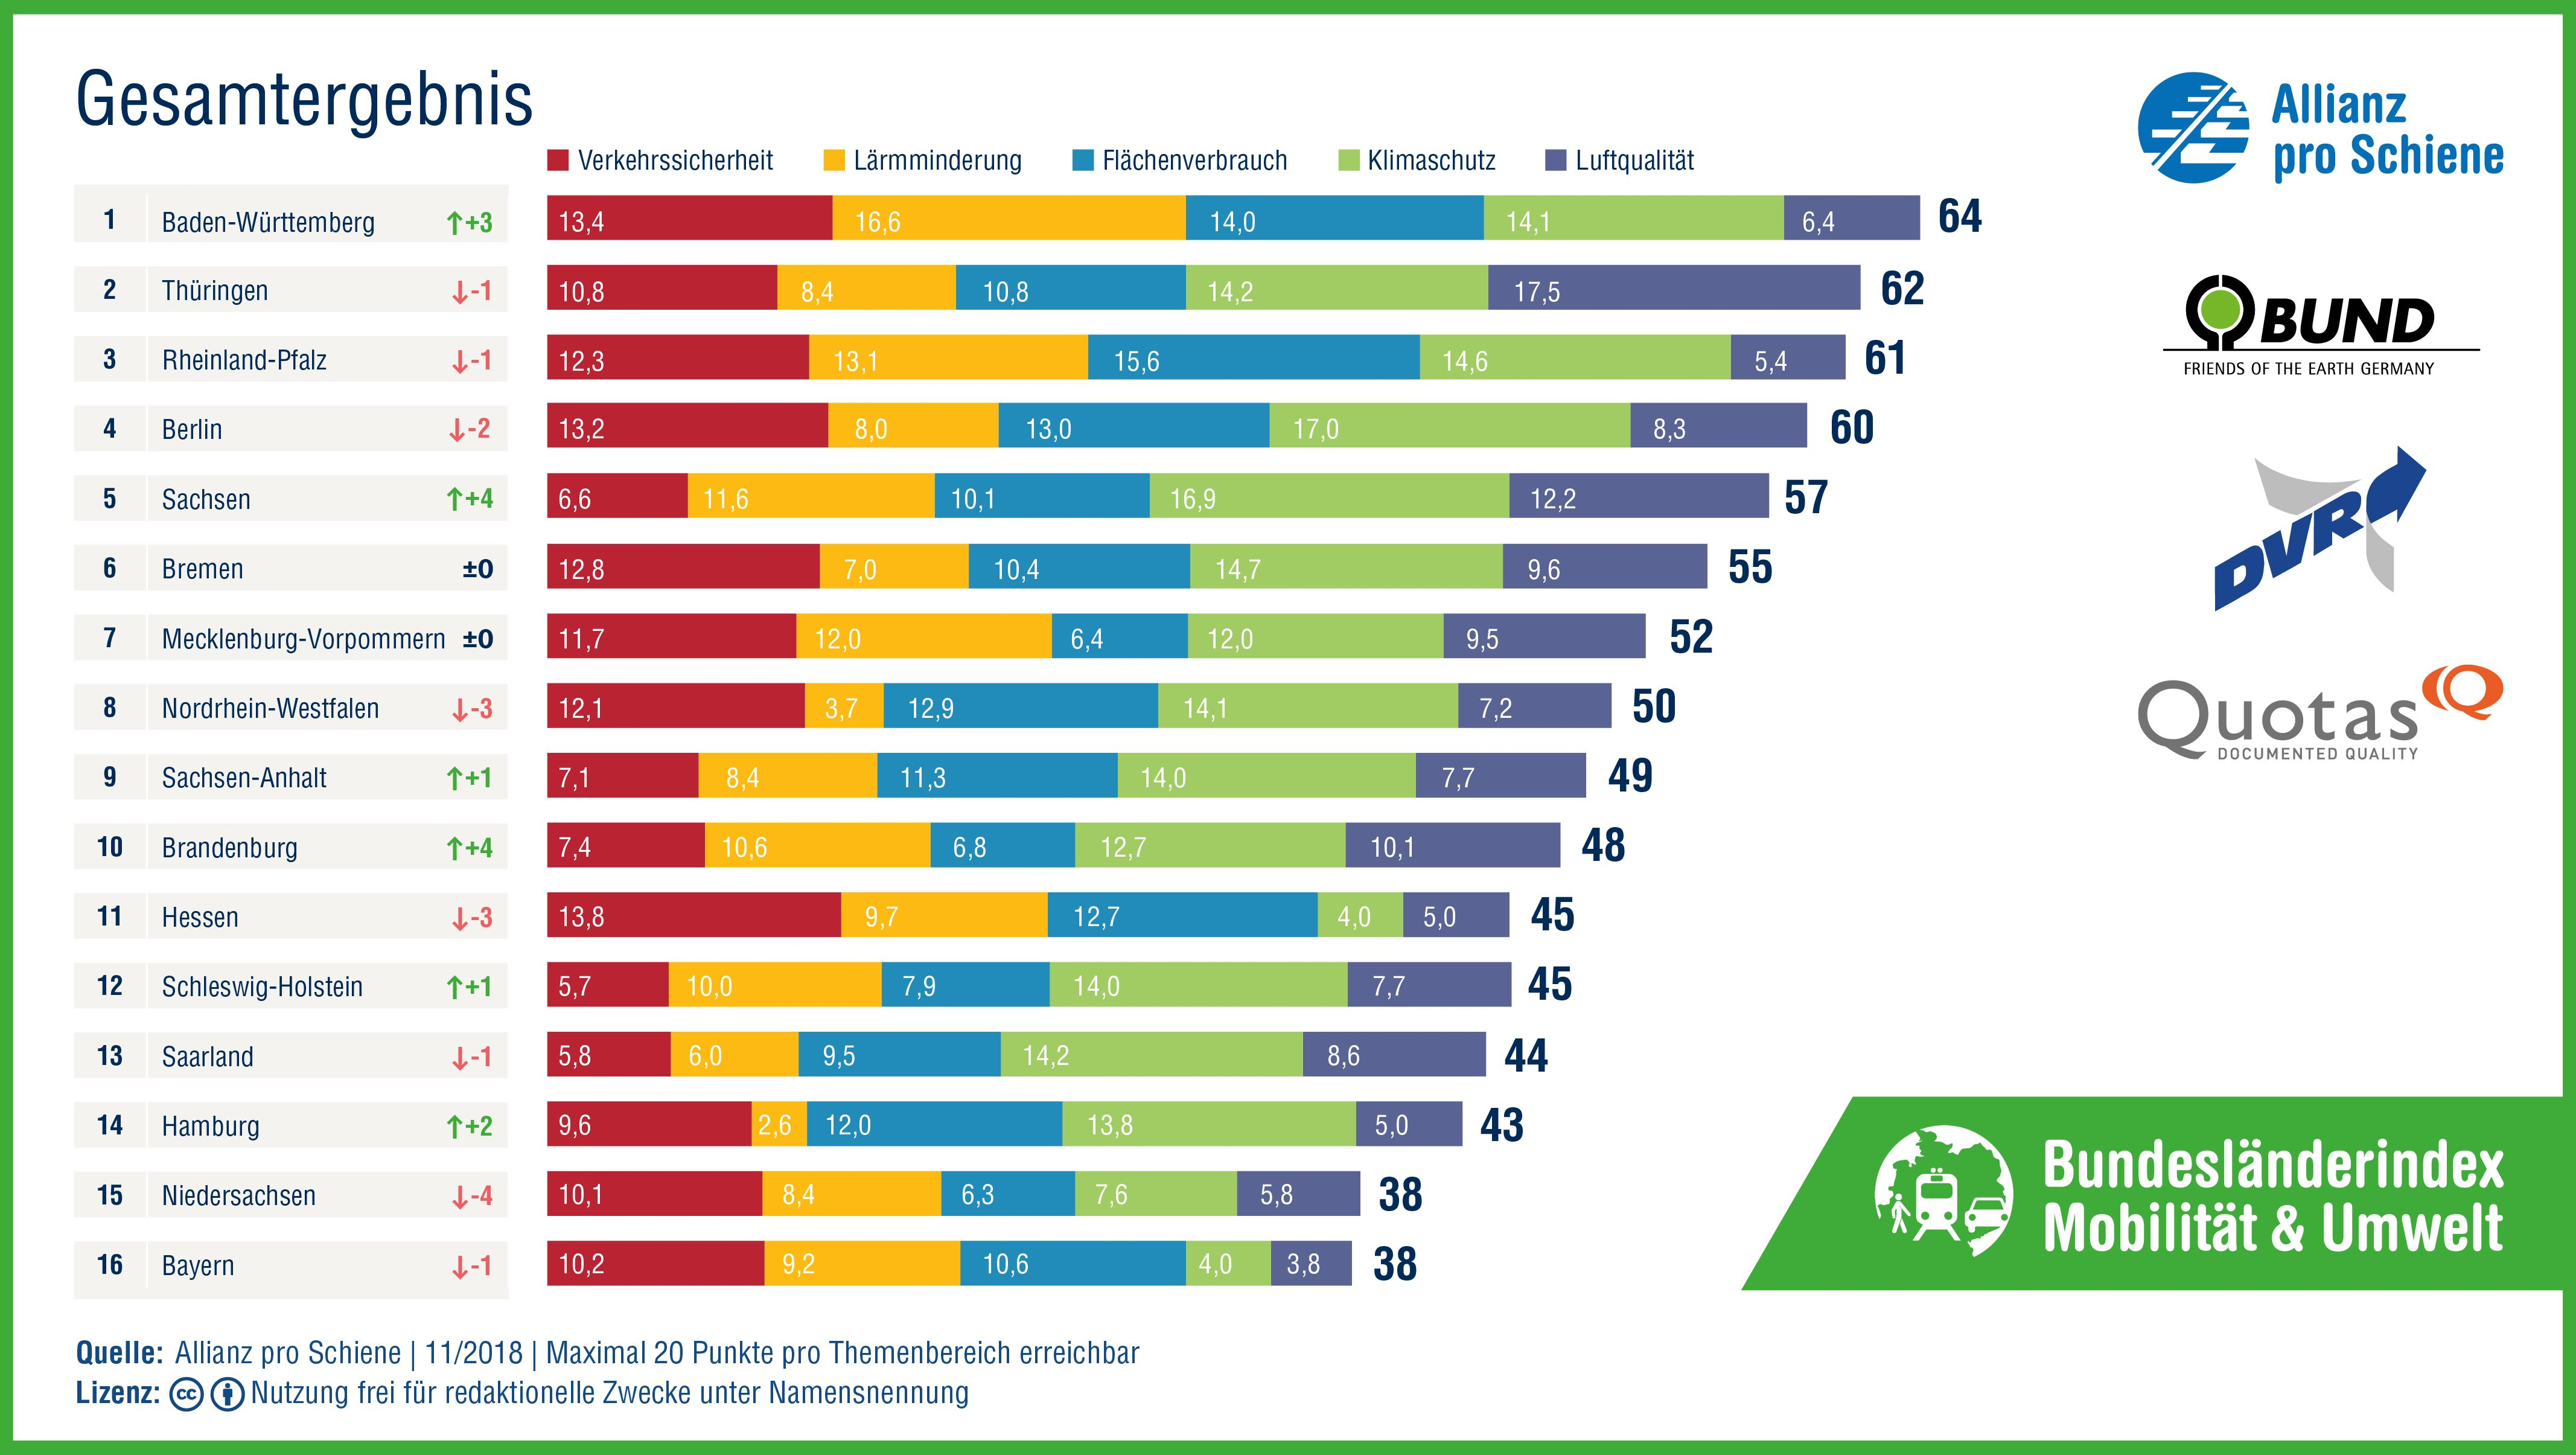 Bundesländerindex Mobilität und Umwelt 2018/ 2019: Gesamtergebnis